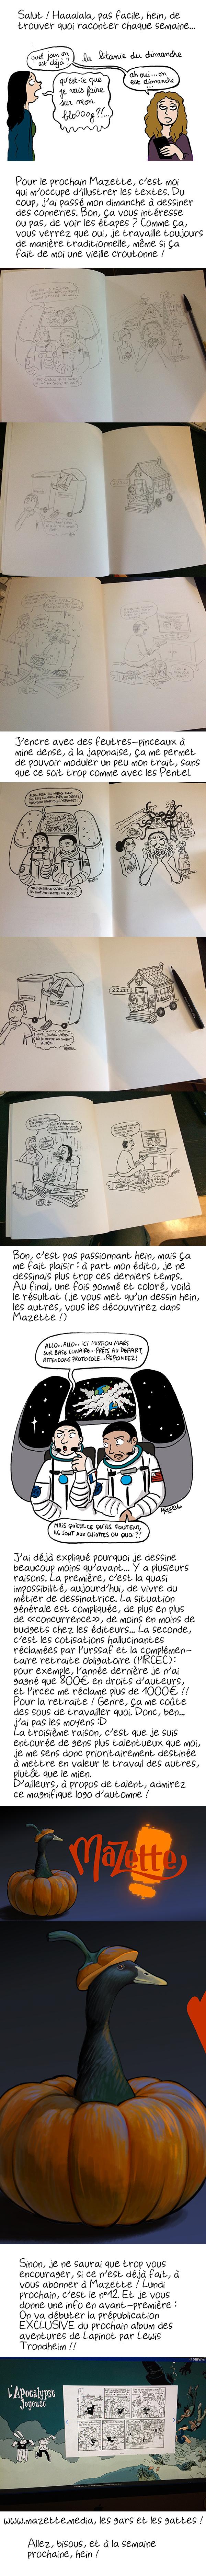 http://melaka.free.fr/blog/litaniedimanche.jpg